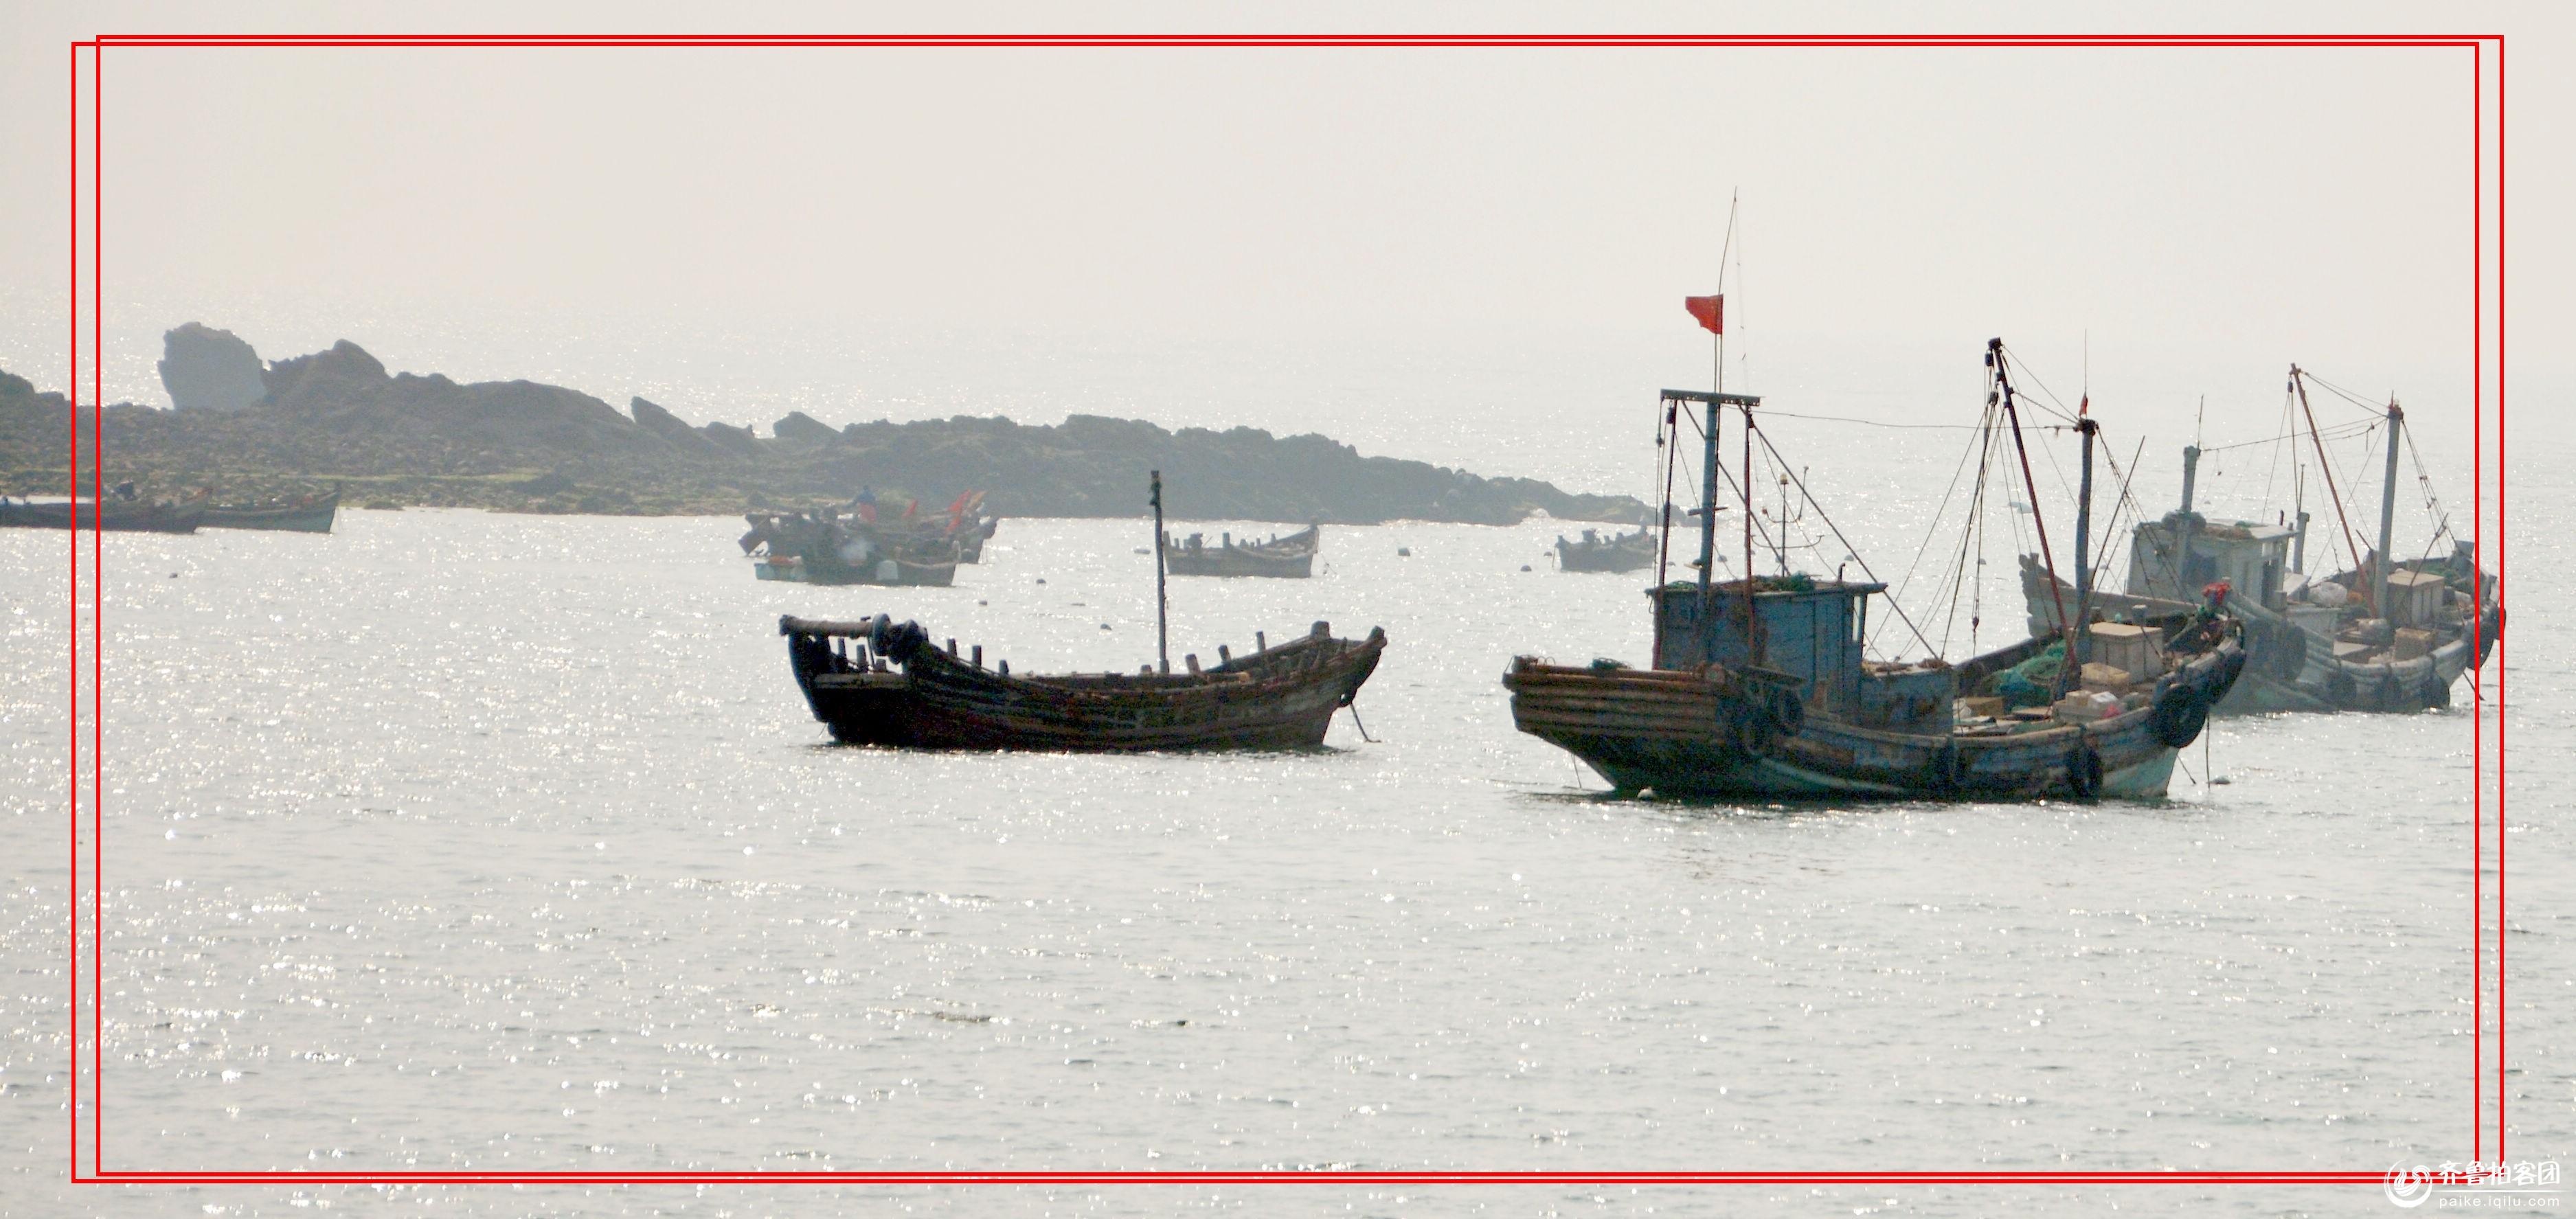 麦岛渔船 - 青岛拍客 - 齐鲁社区 - 山东最大的城市